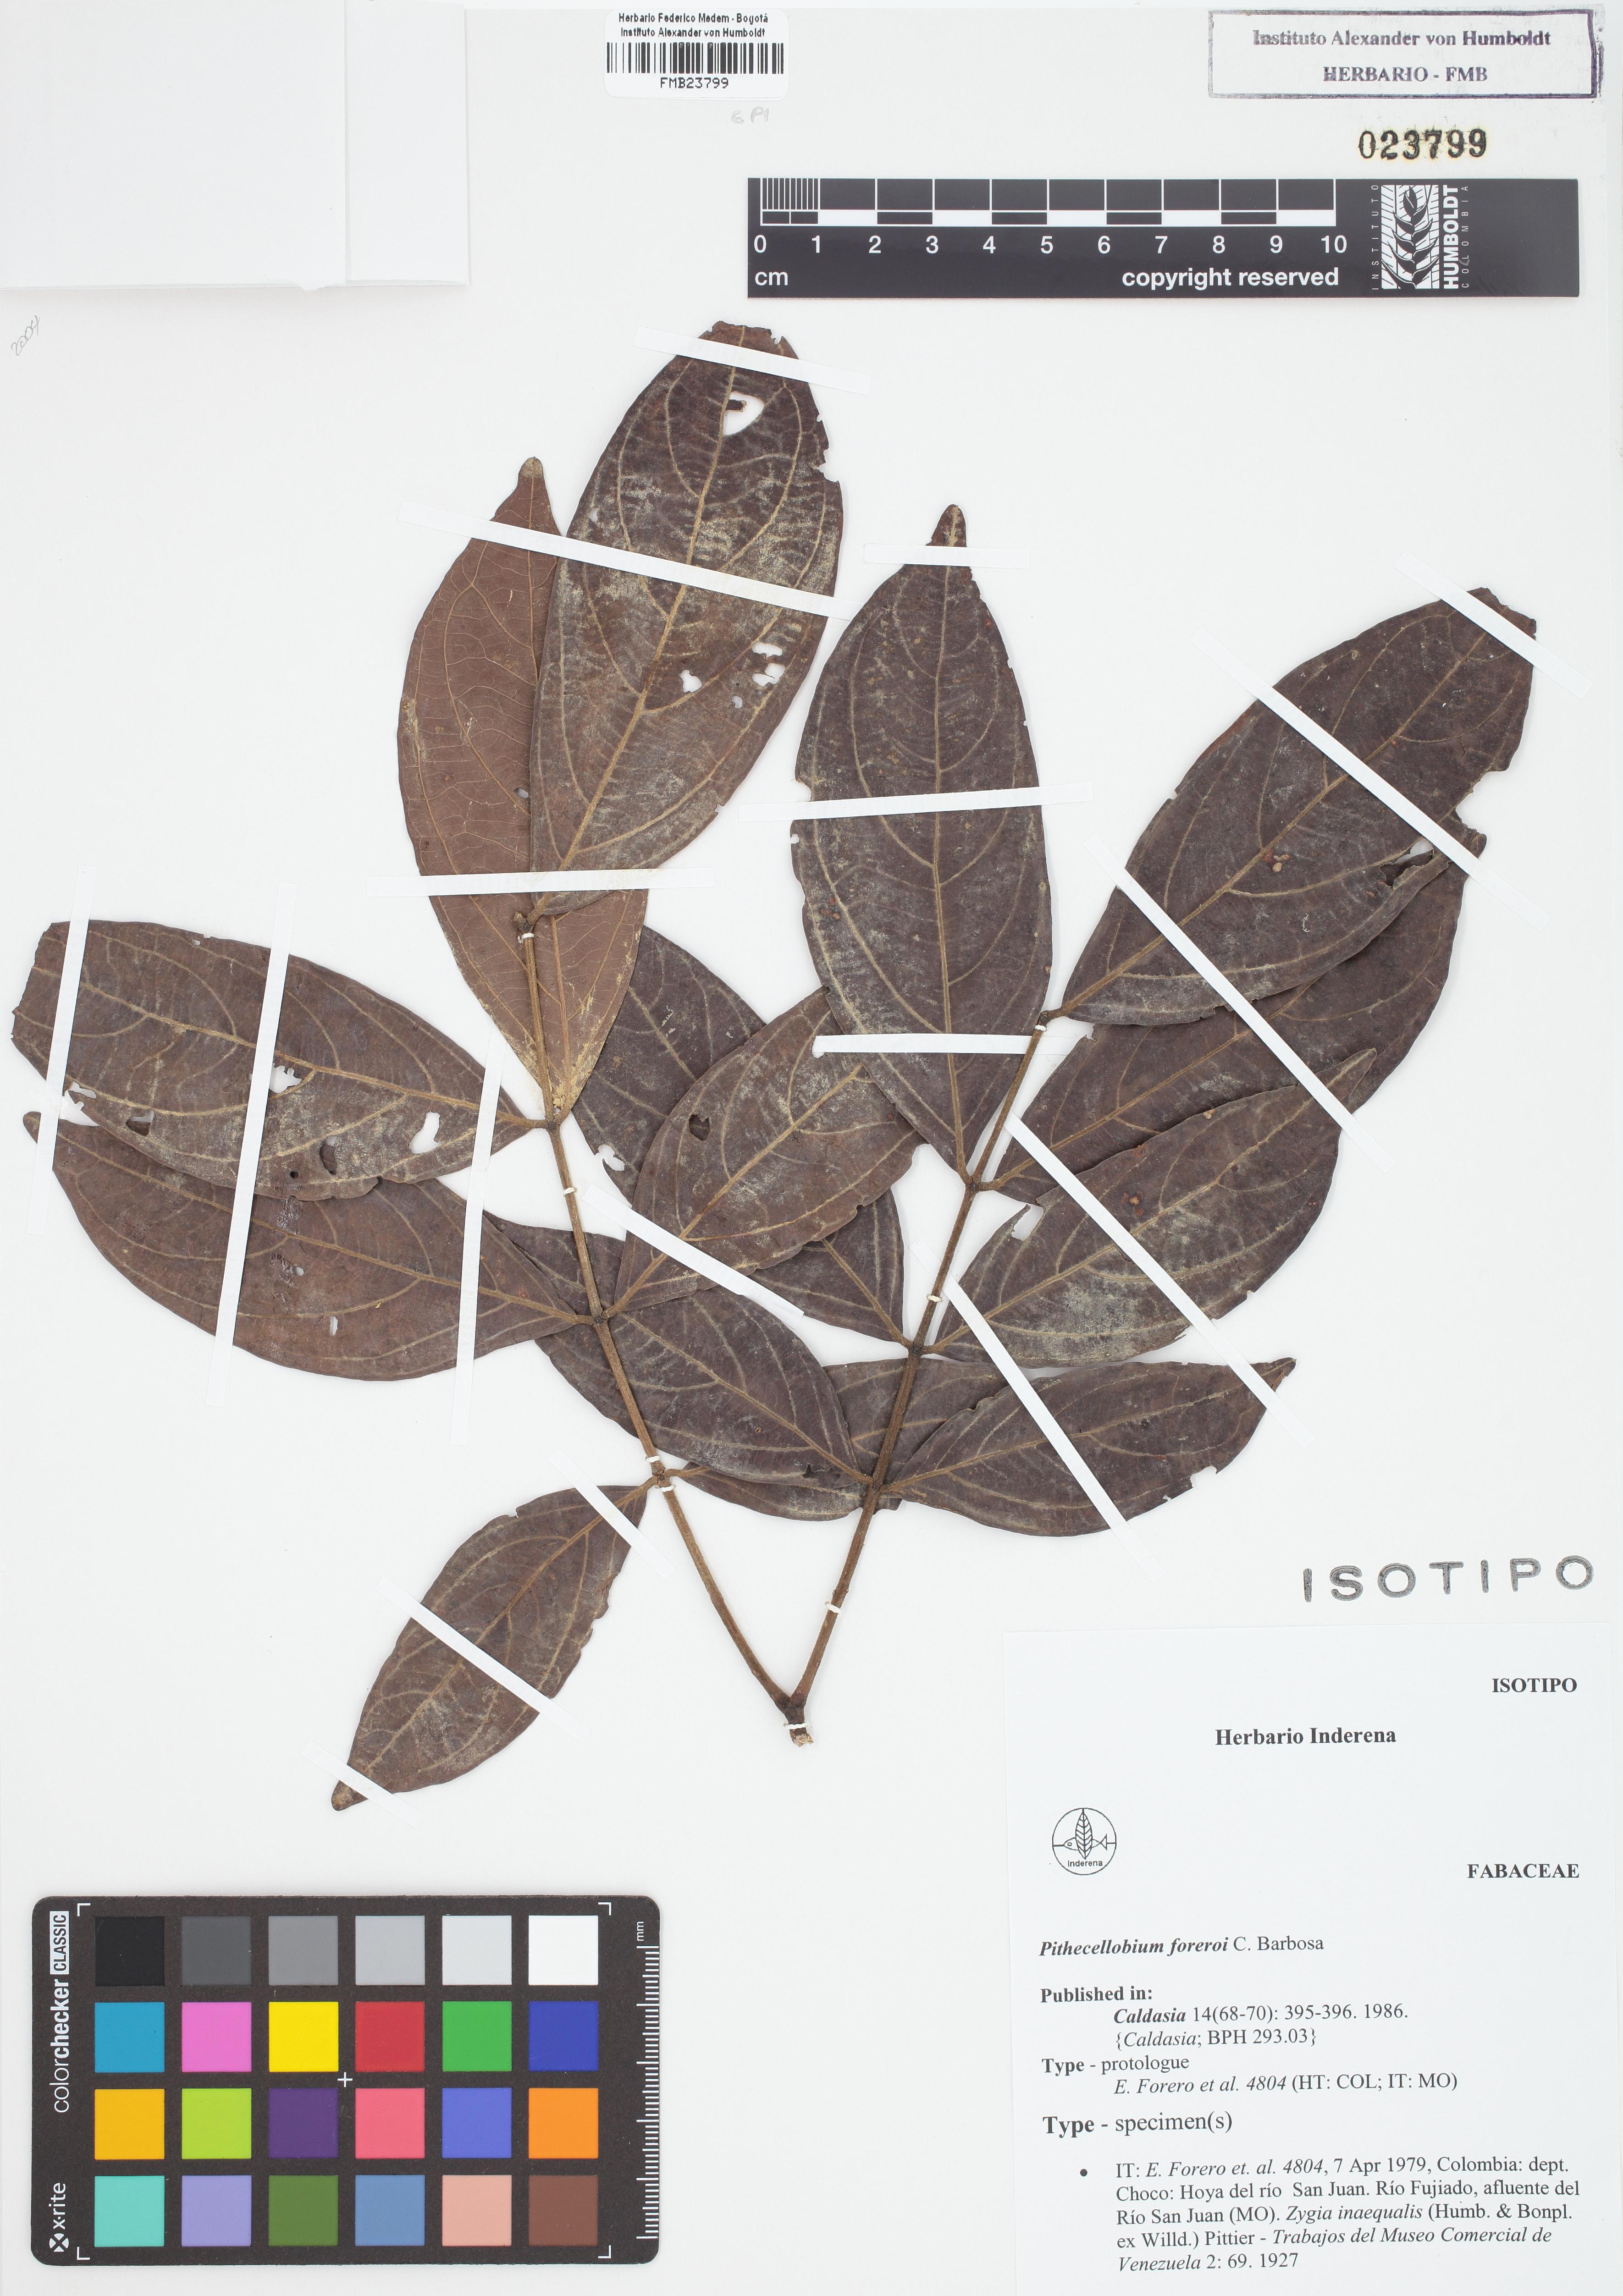 Isotipo de <em>Pithecellobium foreroi</em>, FMB-23799, Fotografía por Robles A.